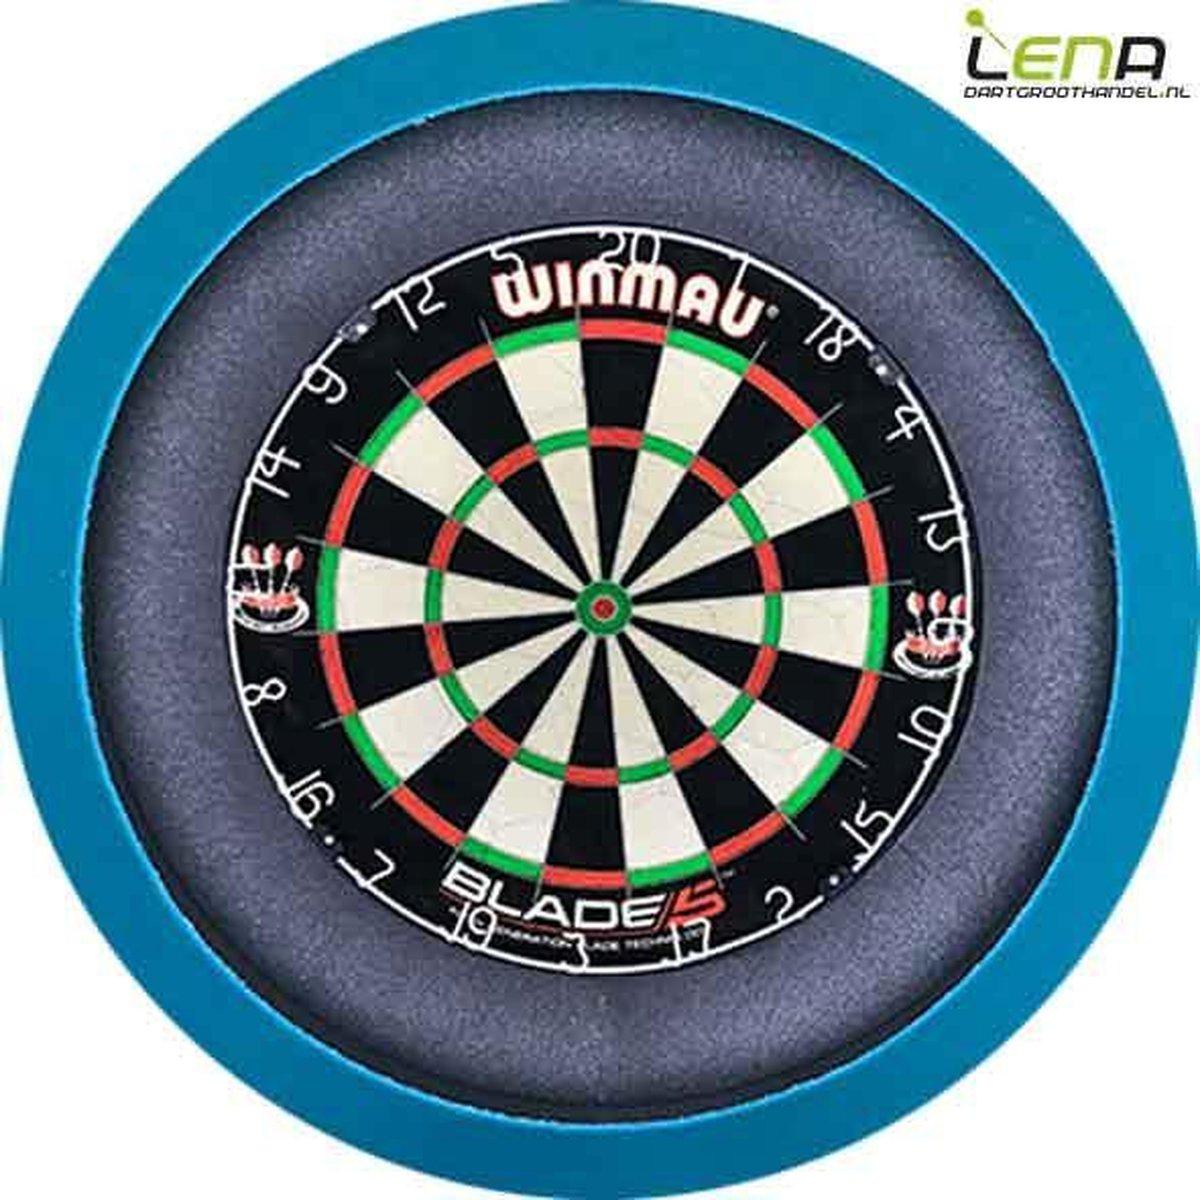 Dartbord met Verlichting Voordeelpakket (Blauw) + Blade 5 + Lena Basic XL